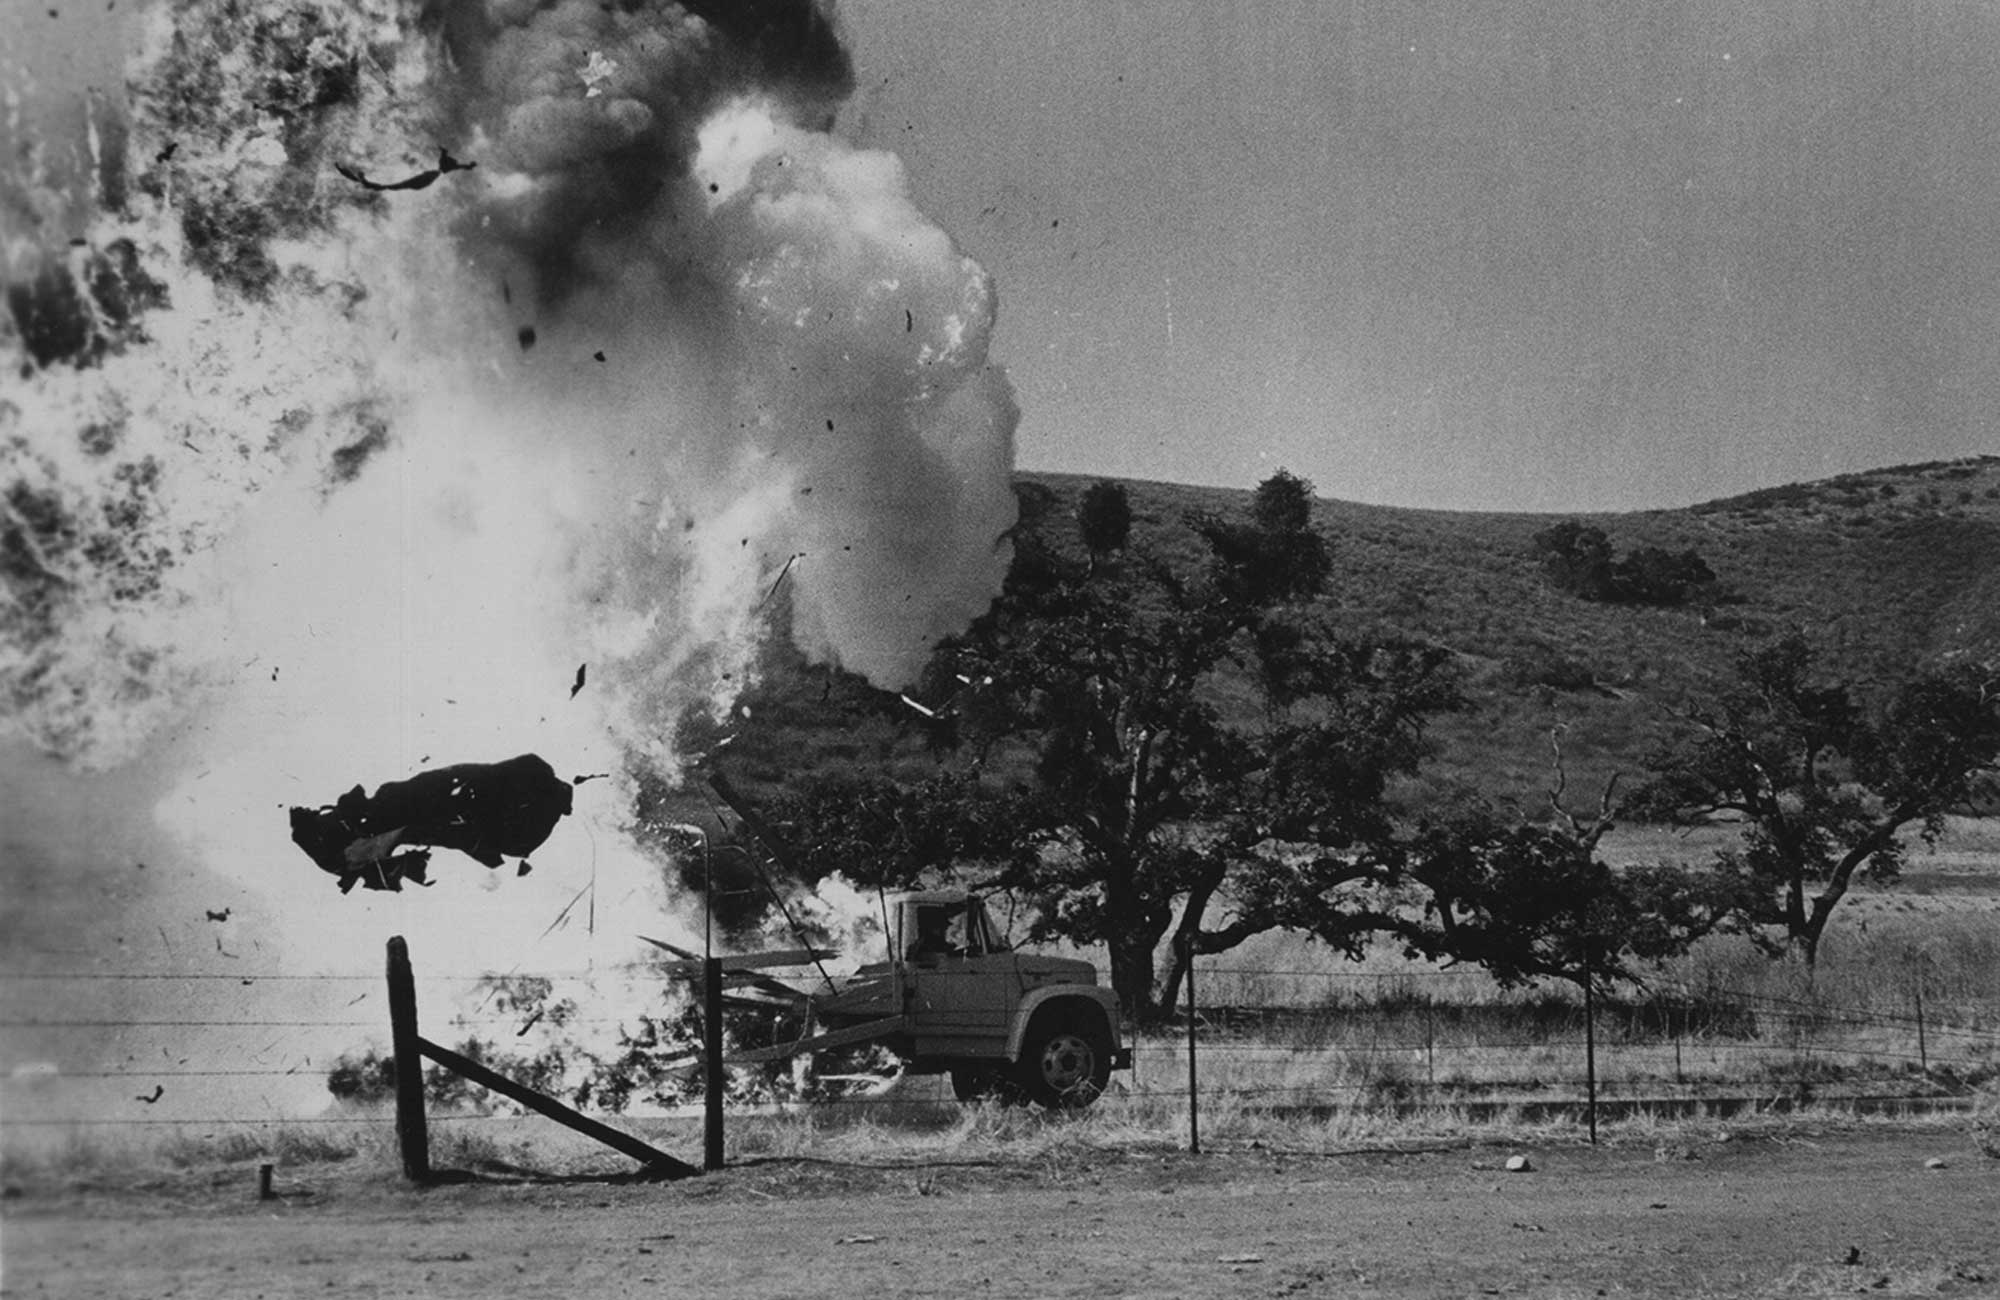 Warren Oates: Dixie Dynamite